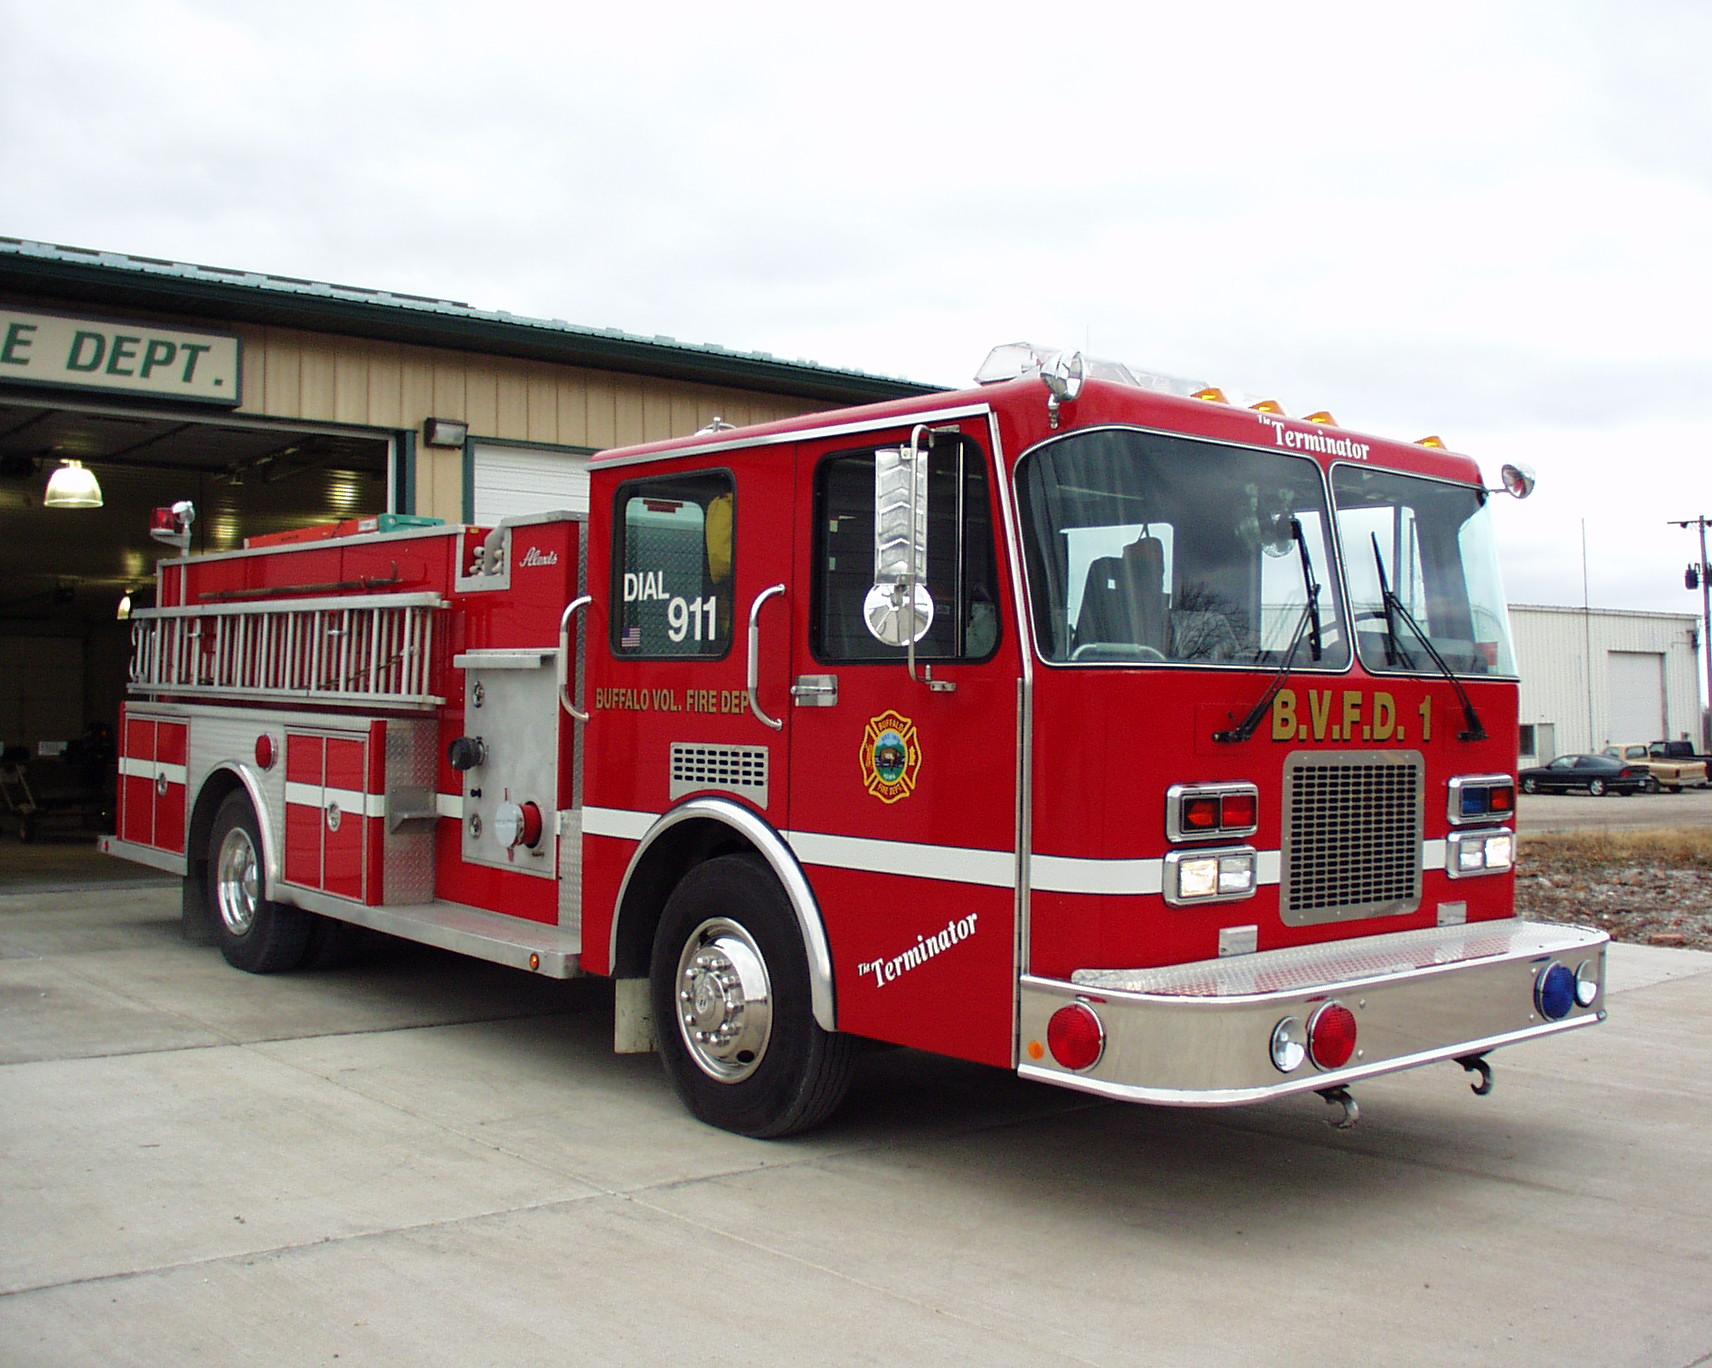 Buffalo Fire Department Scott County Iowa